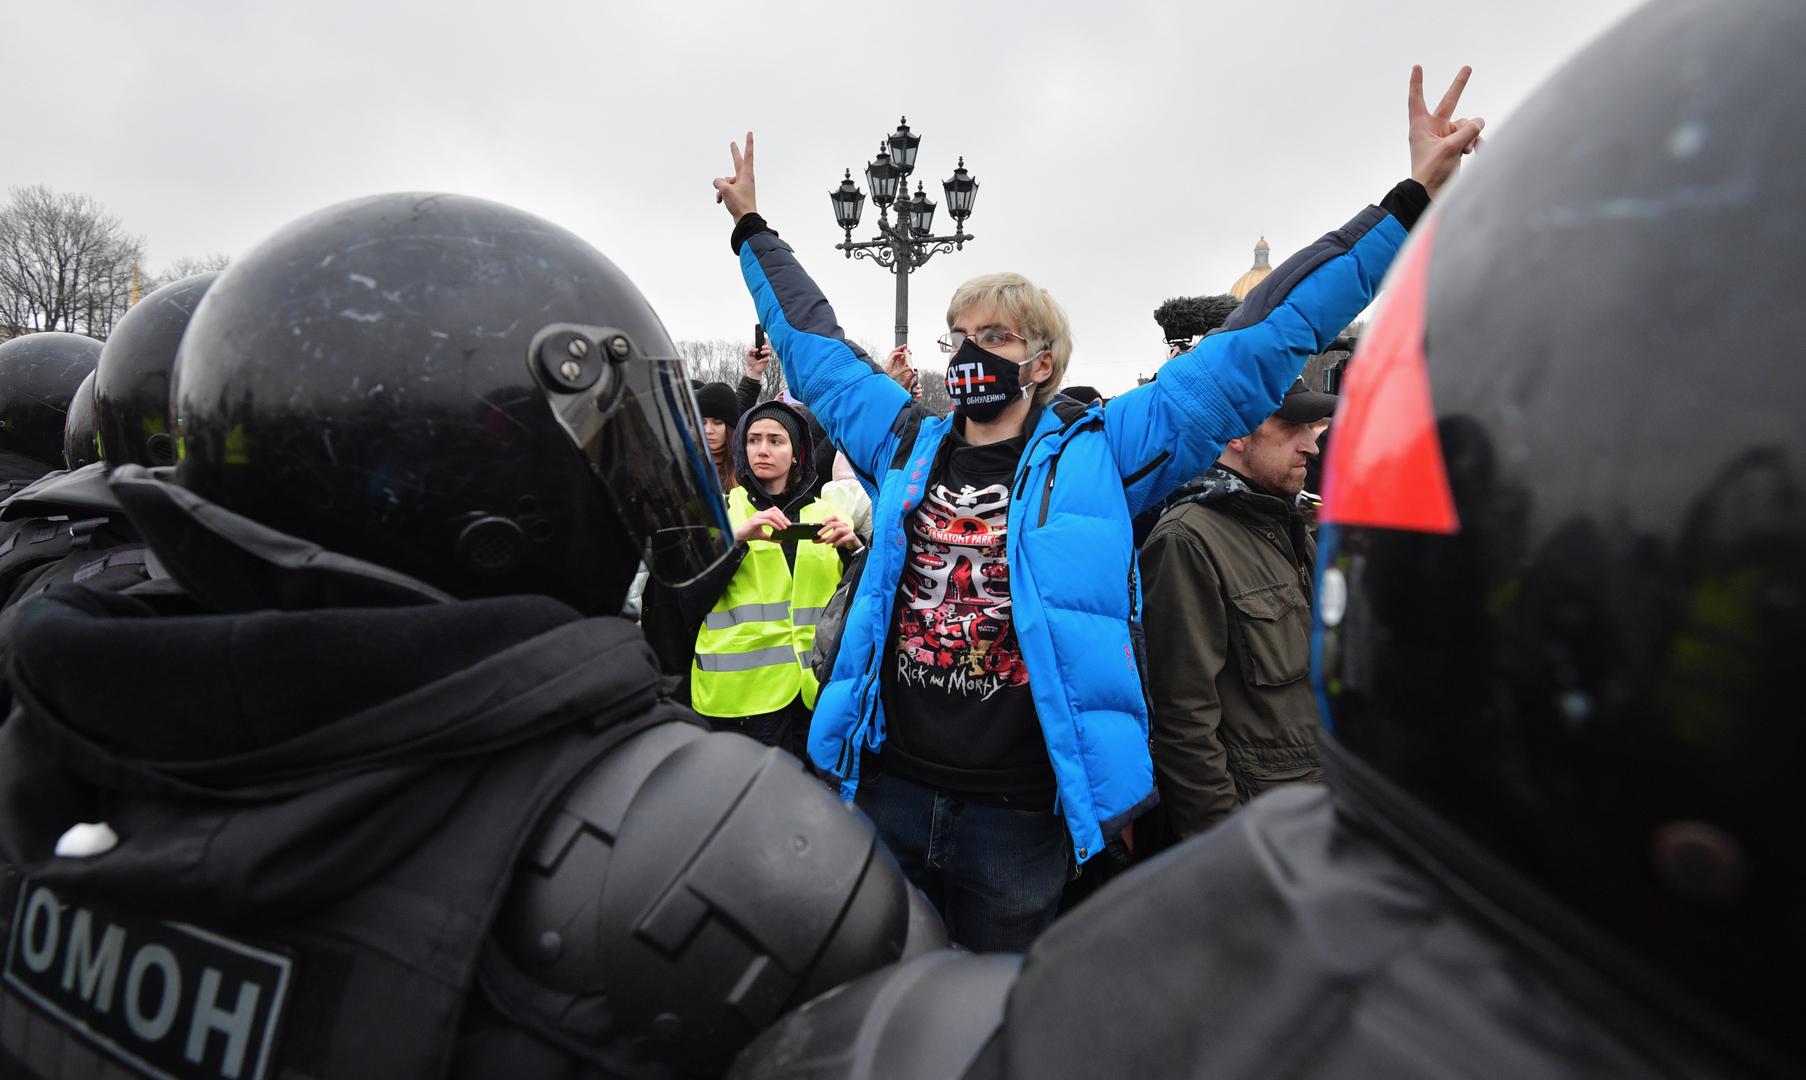 روسيا تمنع أجانب من زيارة أراضيها بعد مشاركتهم في حملات غير مرخص بها